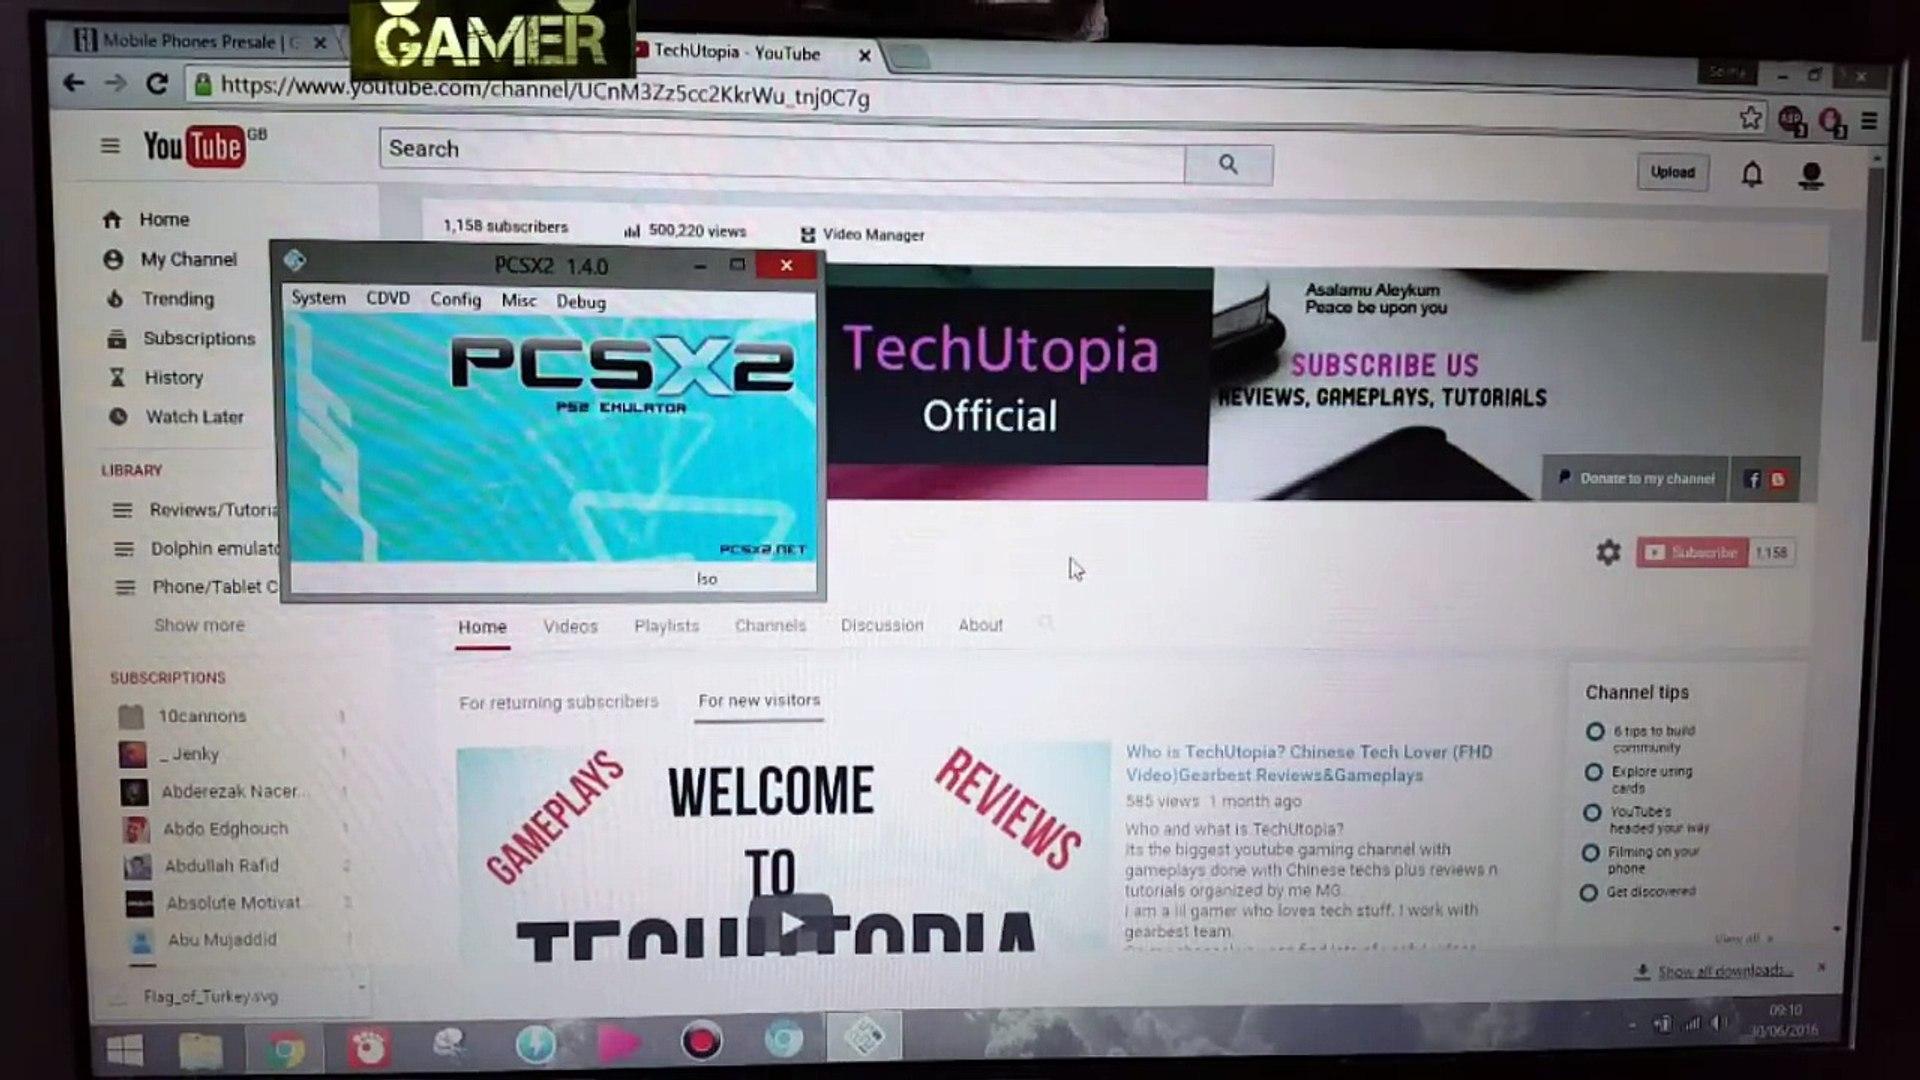 PCSX2 1 4 0 settings 60 FPS 100% SPEED Set Up Configure Test (Windows  PC)LAPTOP